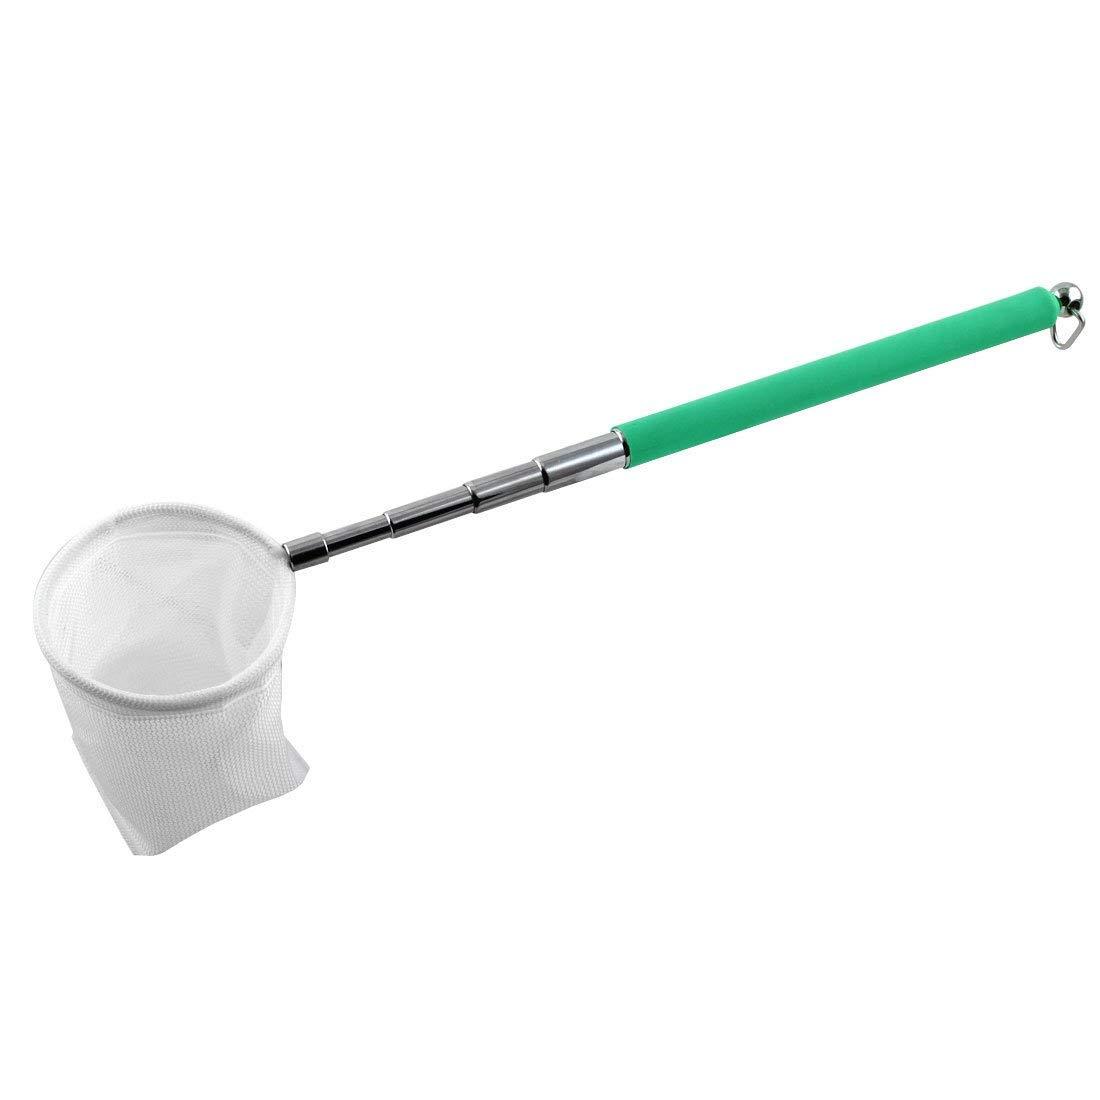 1Pc Aquarium Algae Plastic Handle Sponge Clean Brush Cleaner Green